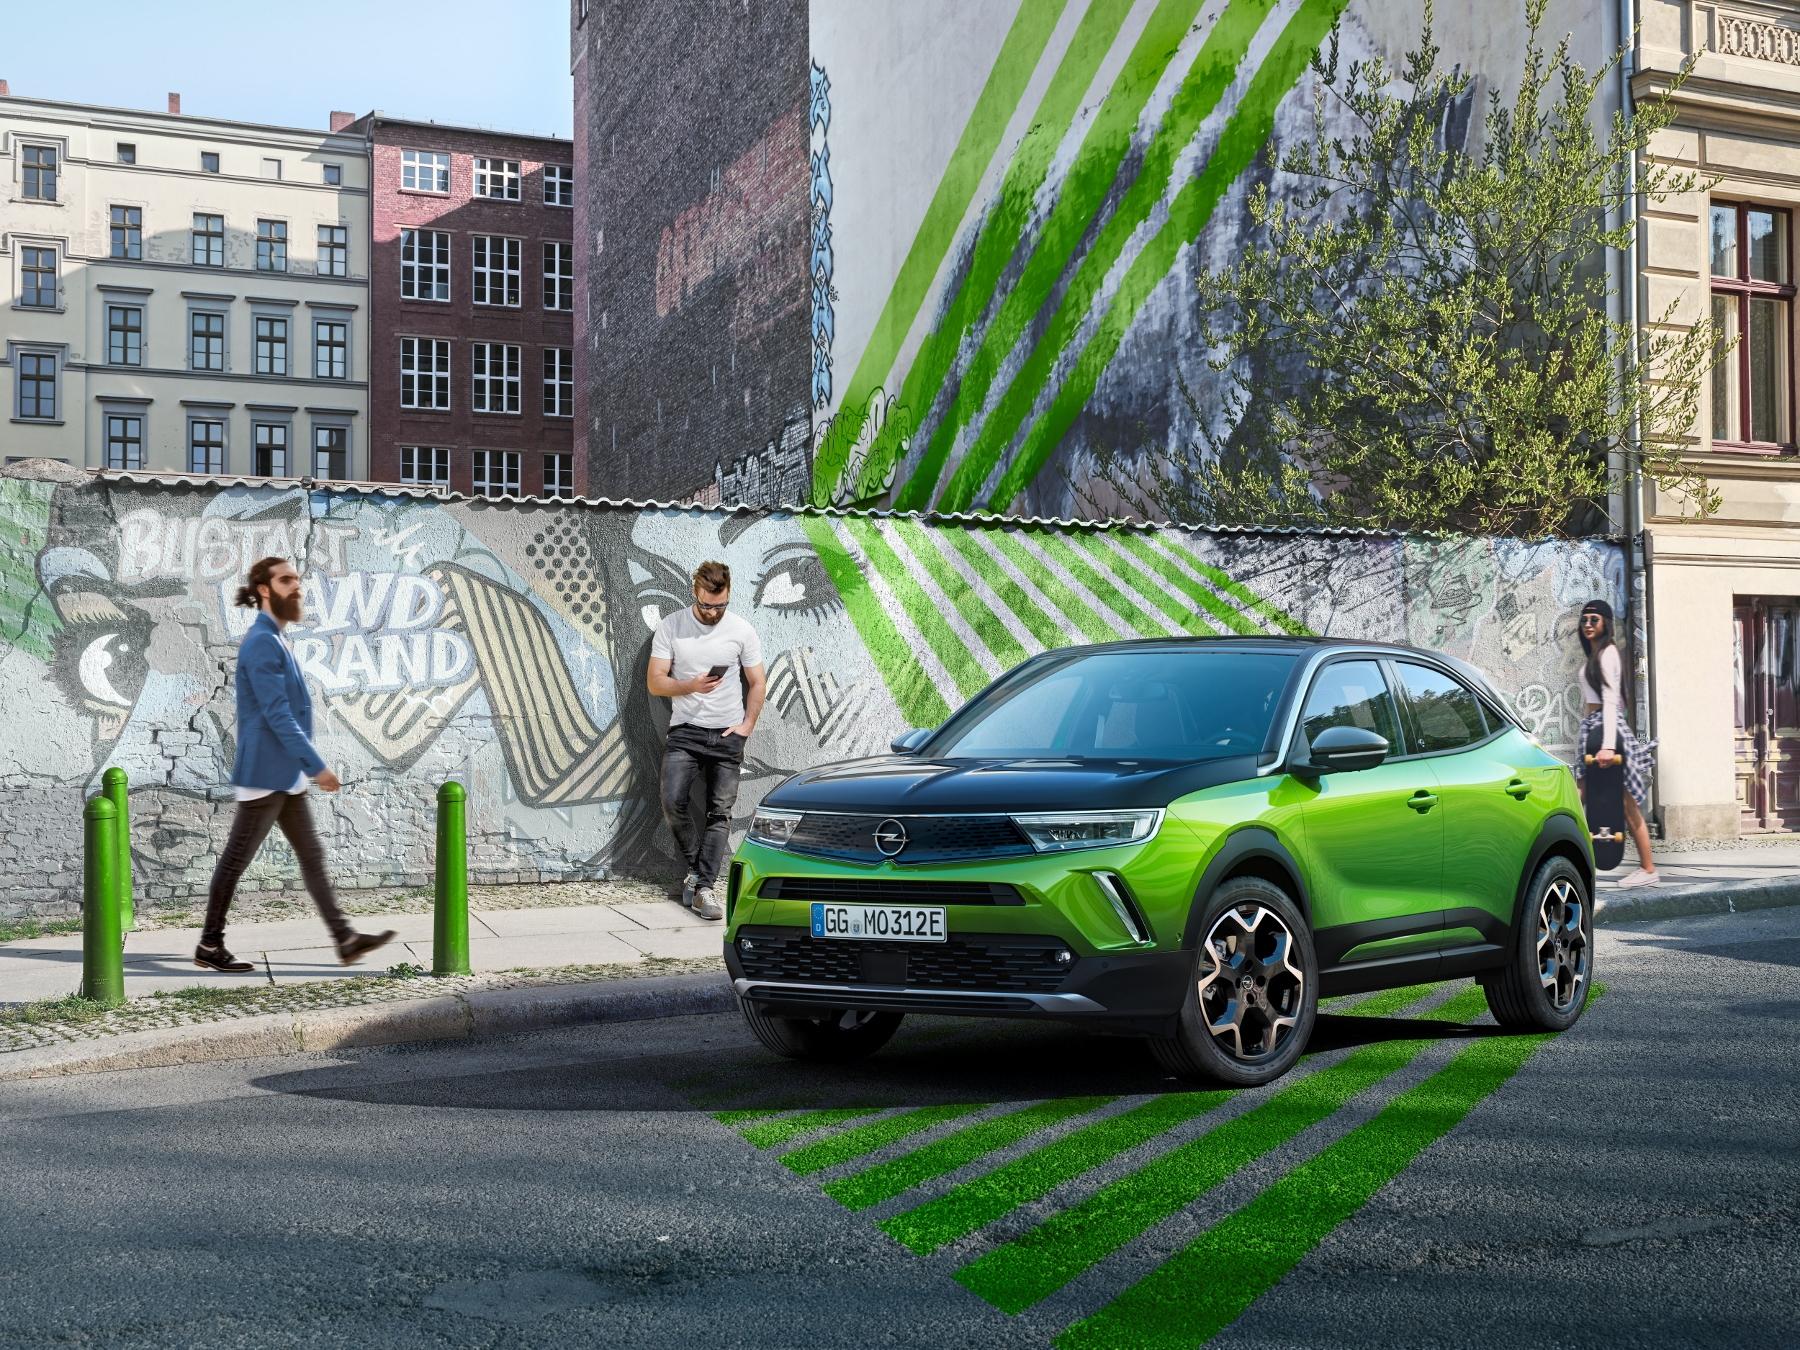 Opel Mokka sa od súrodencov odlíši odvážnym dizajnom eINHVzs8Zl 12-opel-mokka-e-512273-1800x1350